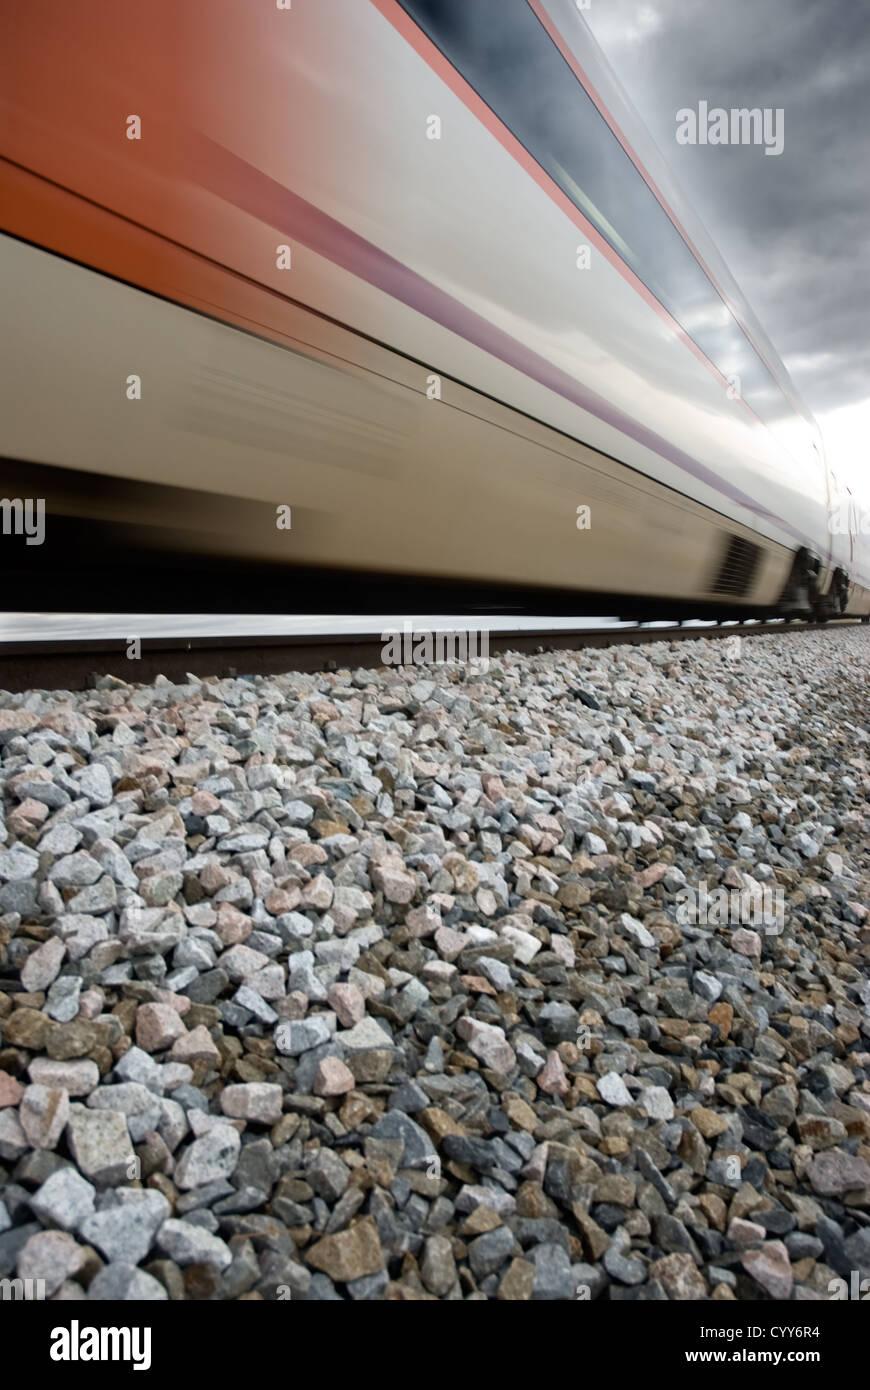 Un train en mouvement. Symbole de vitesse Photo Stock